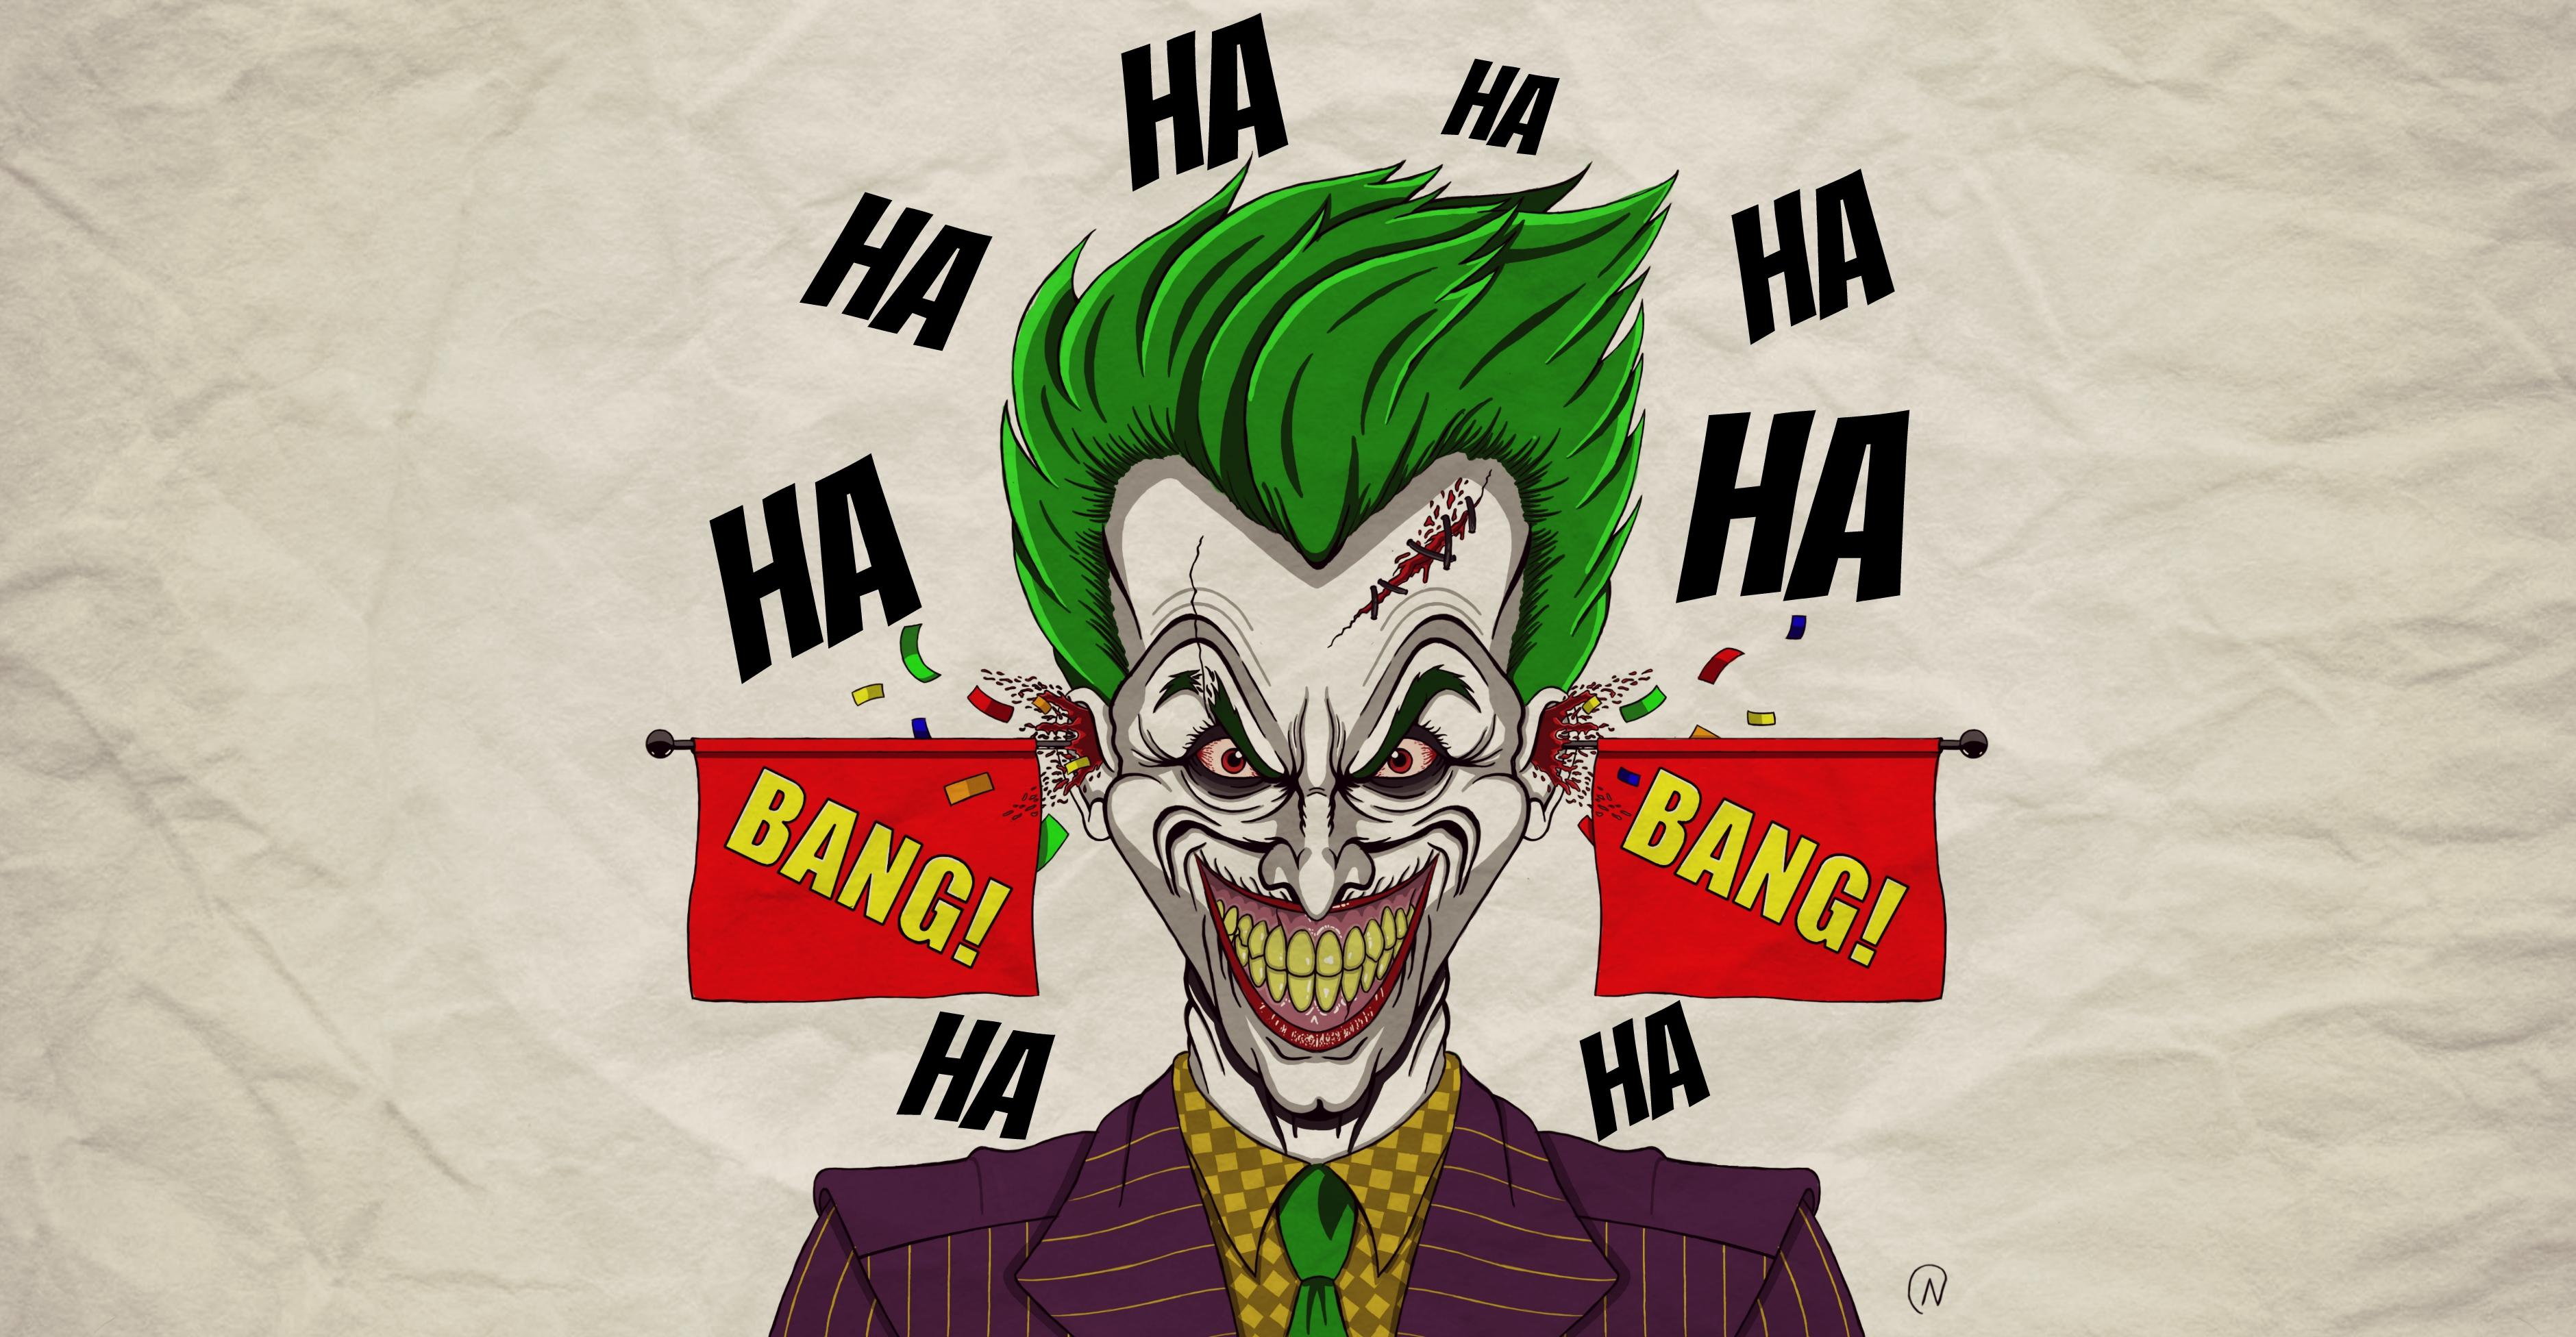 It's a joke! (Joker)